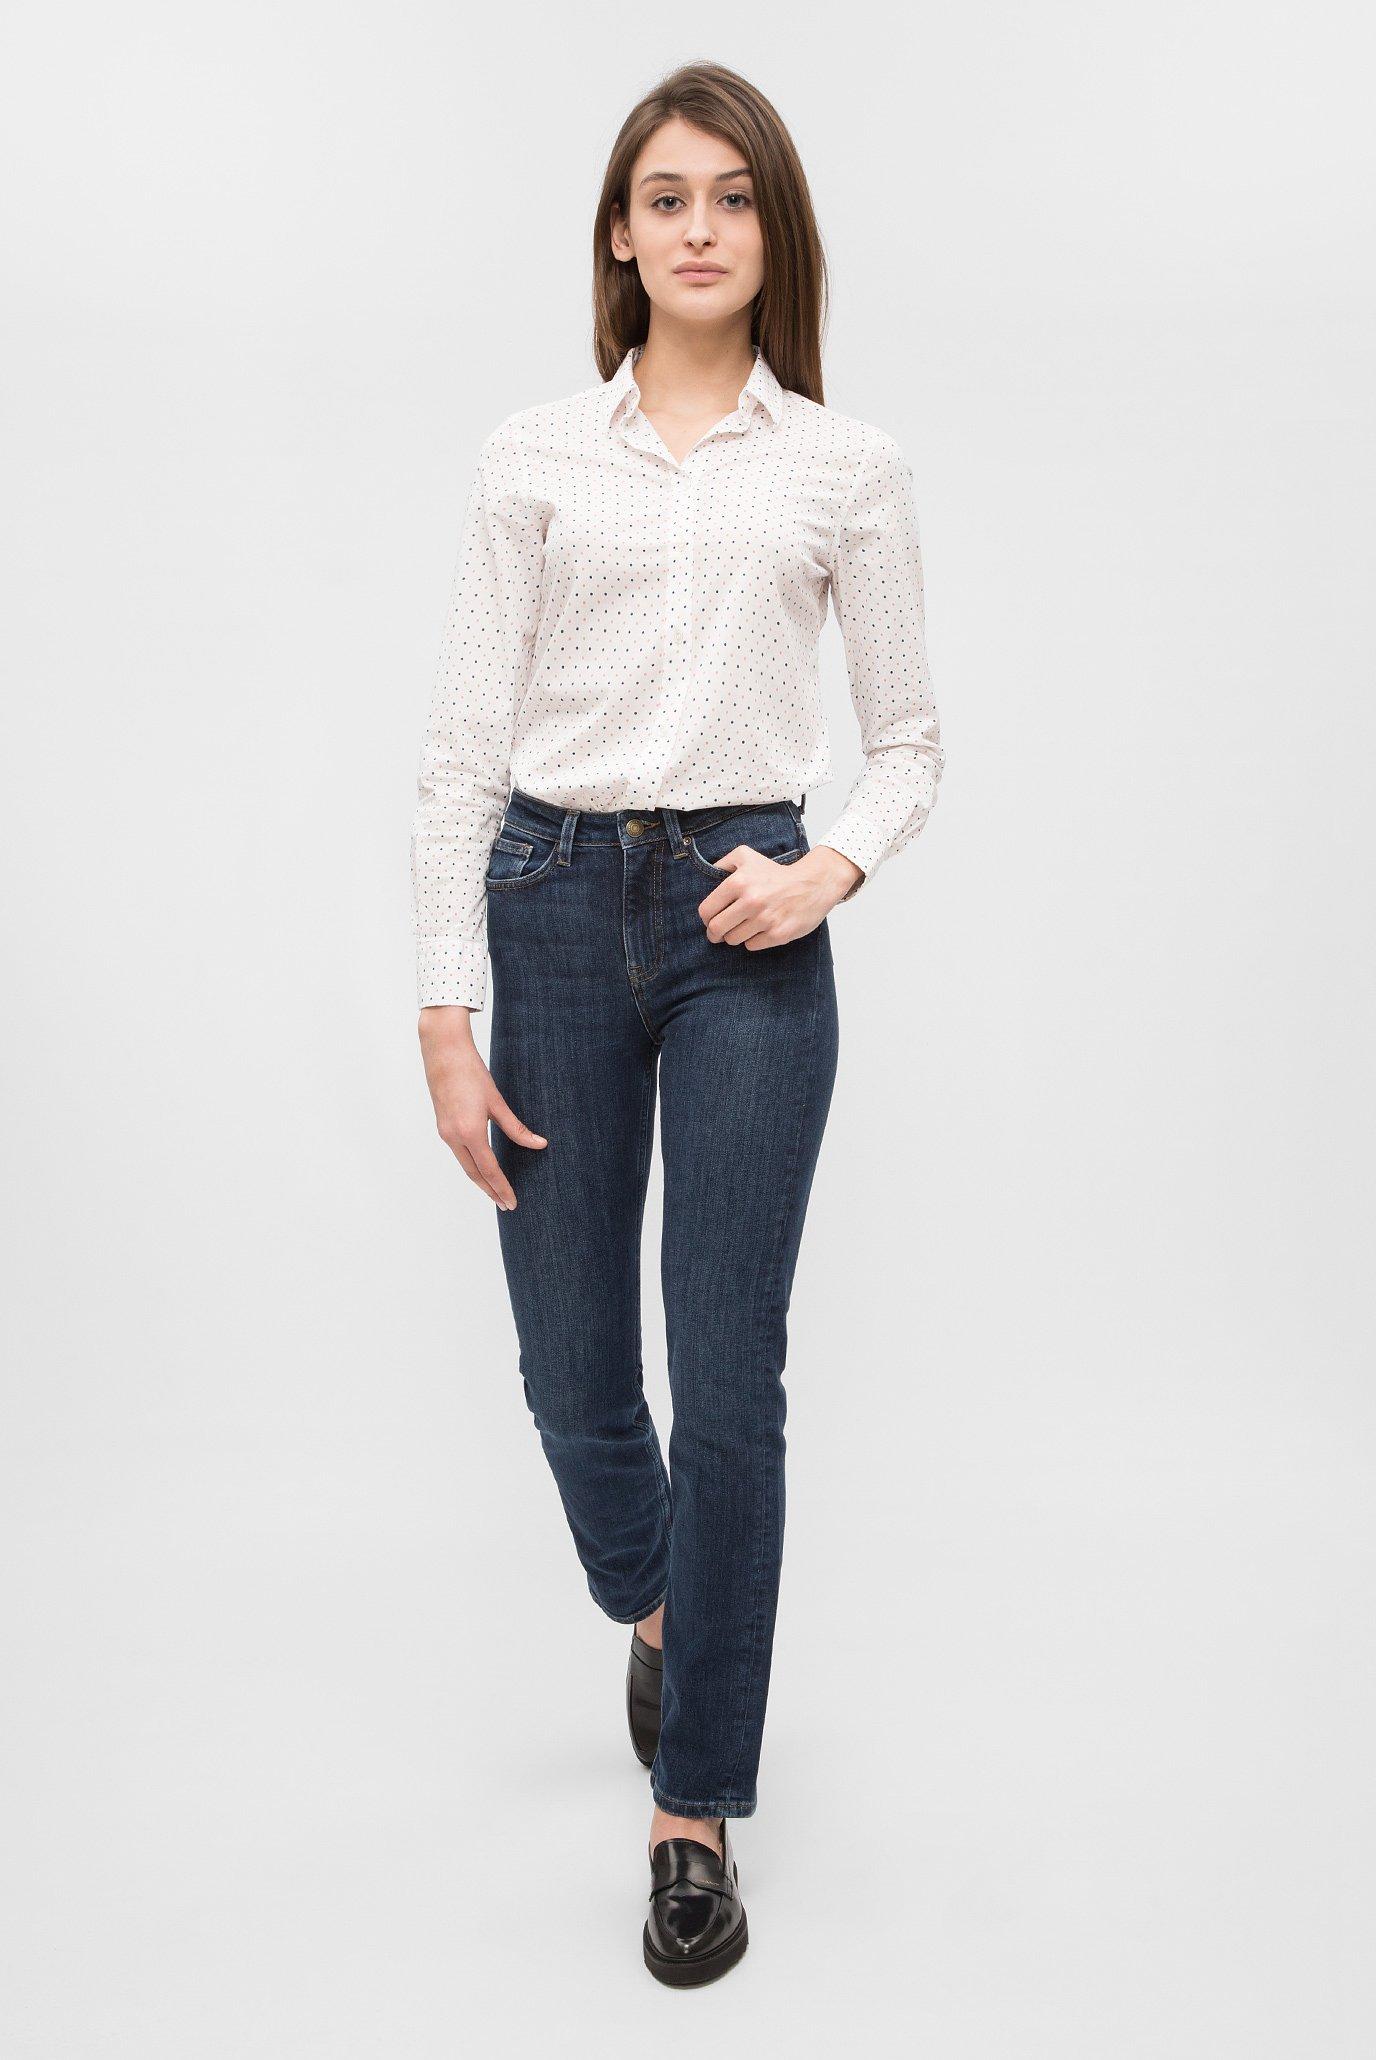 Купить Женская белая рубашка Gant Gant 4320029 – Киев, Украина. Цены в интернет магазине MD Fashion